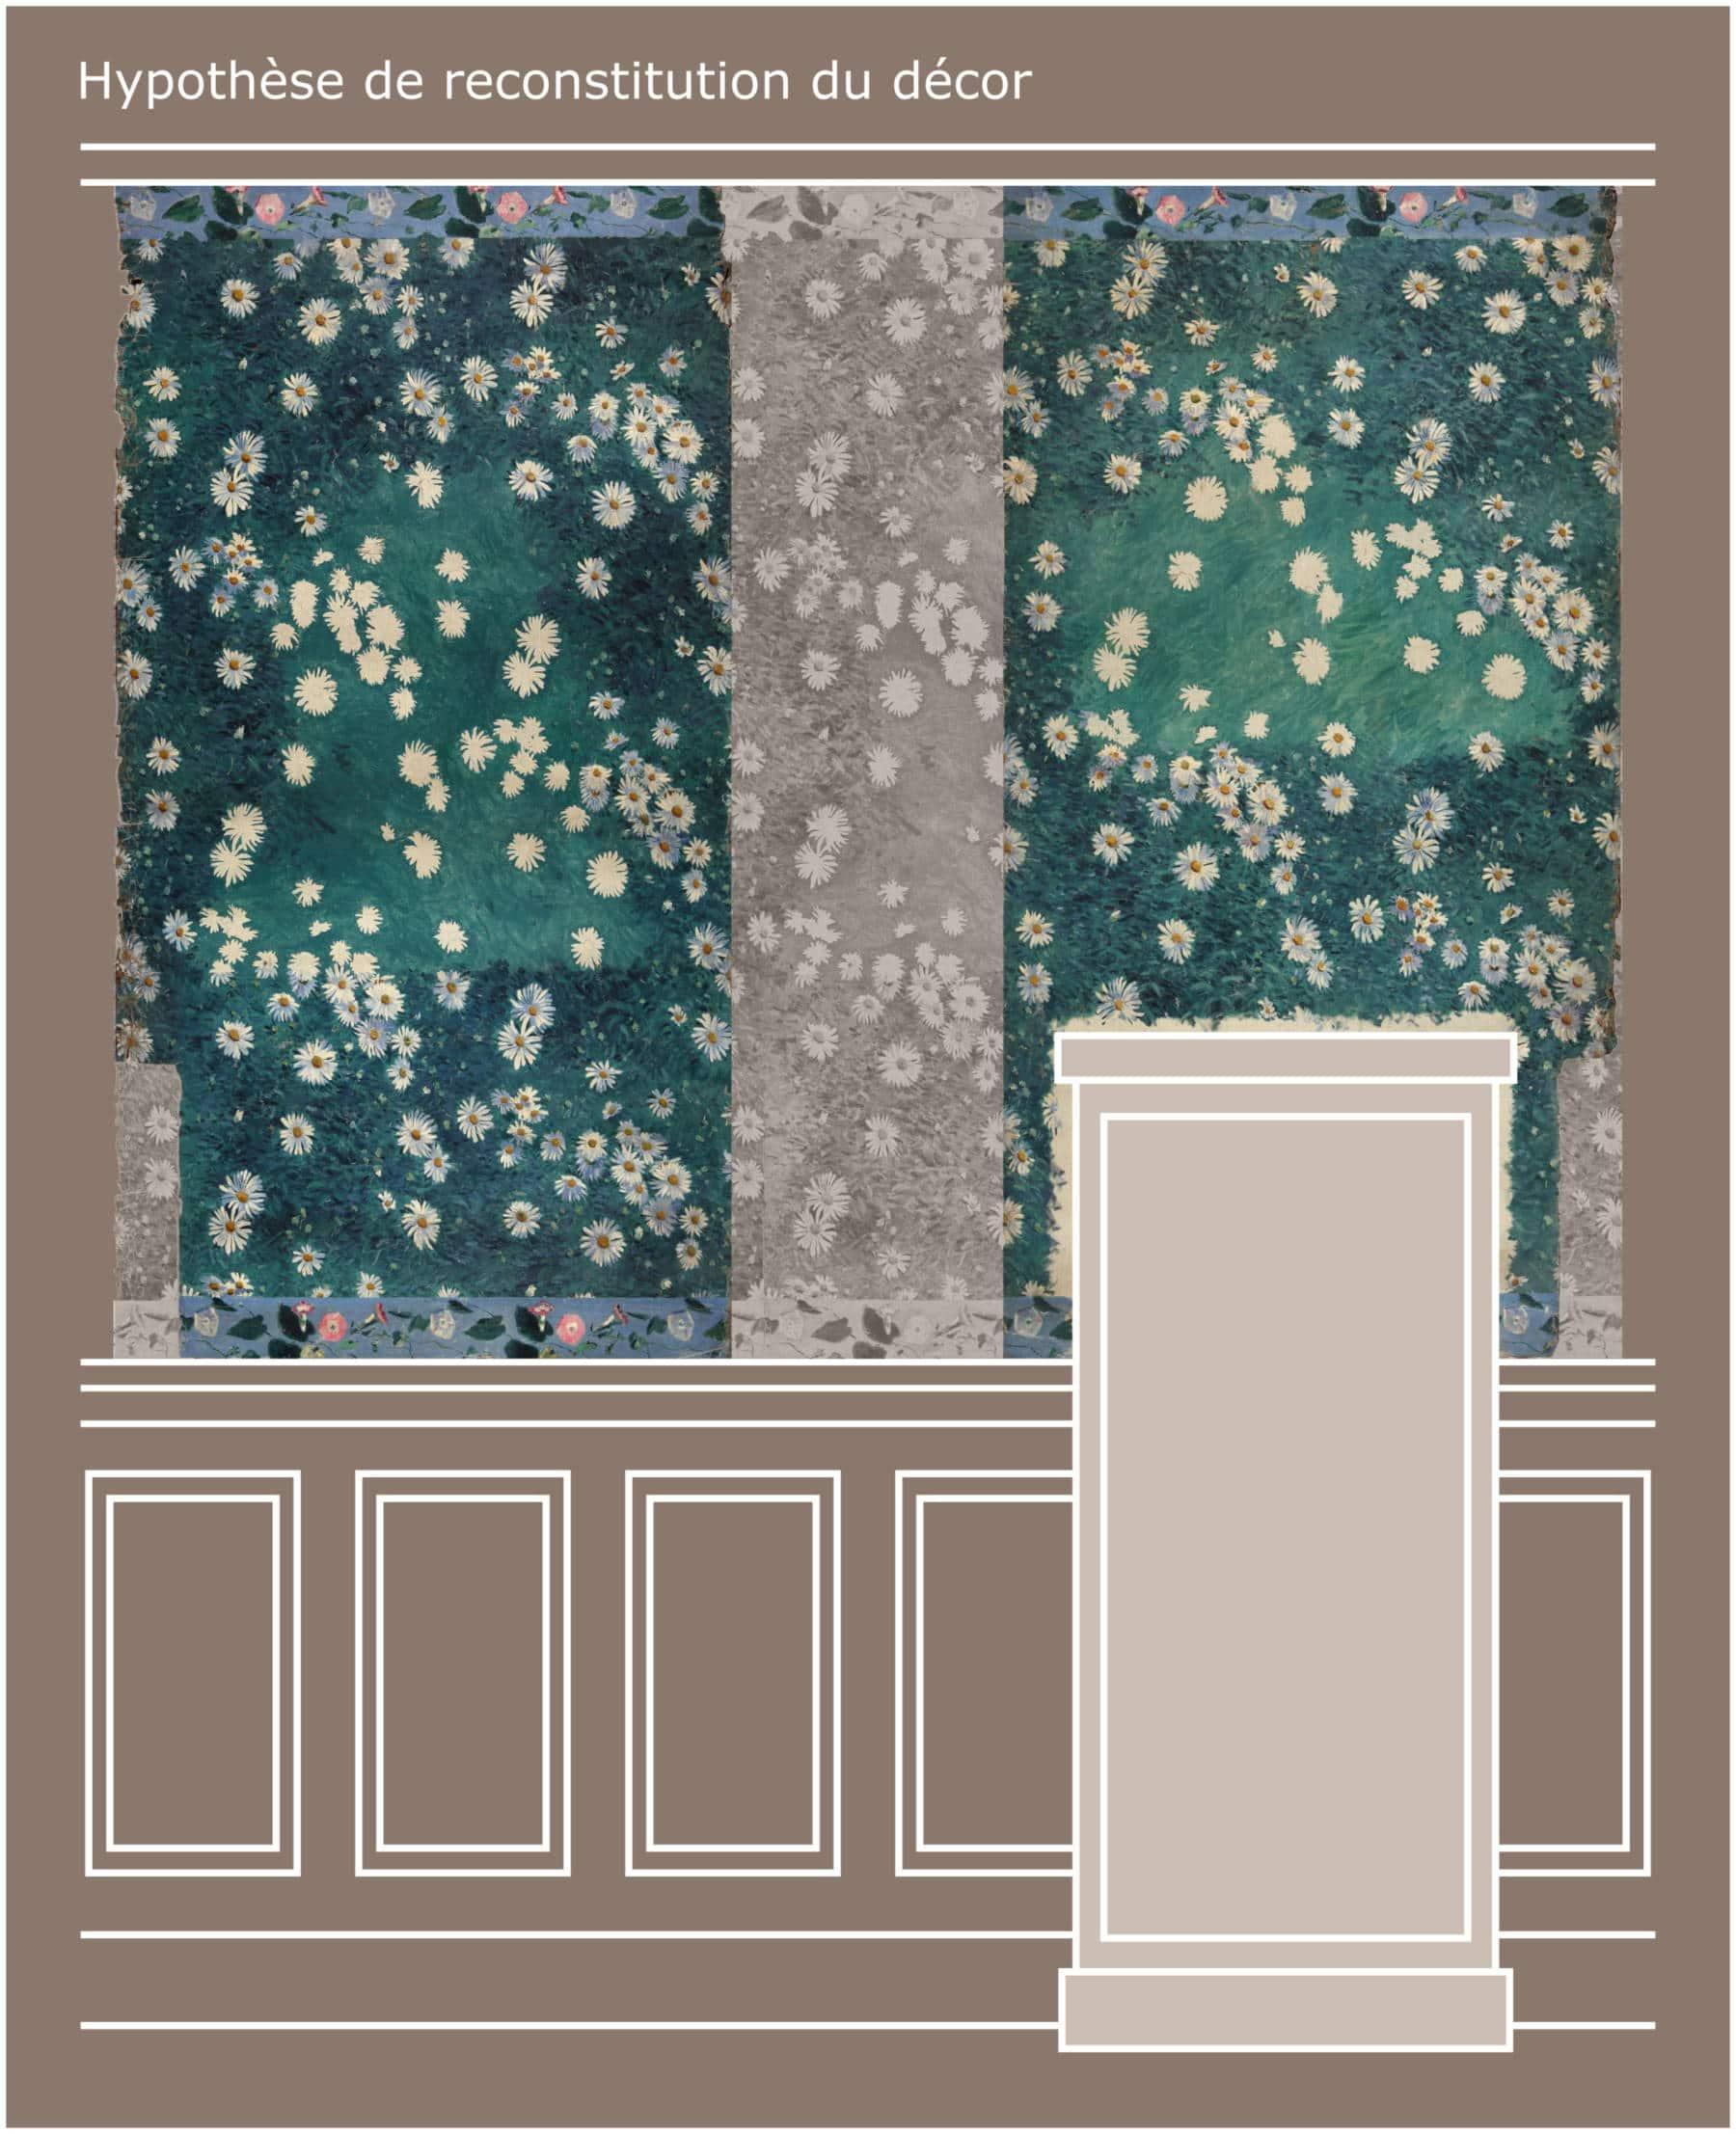 Parterre de marguerites de Gustave Caillebotte, hypothèse de reconstitution du décor